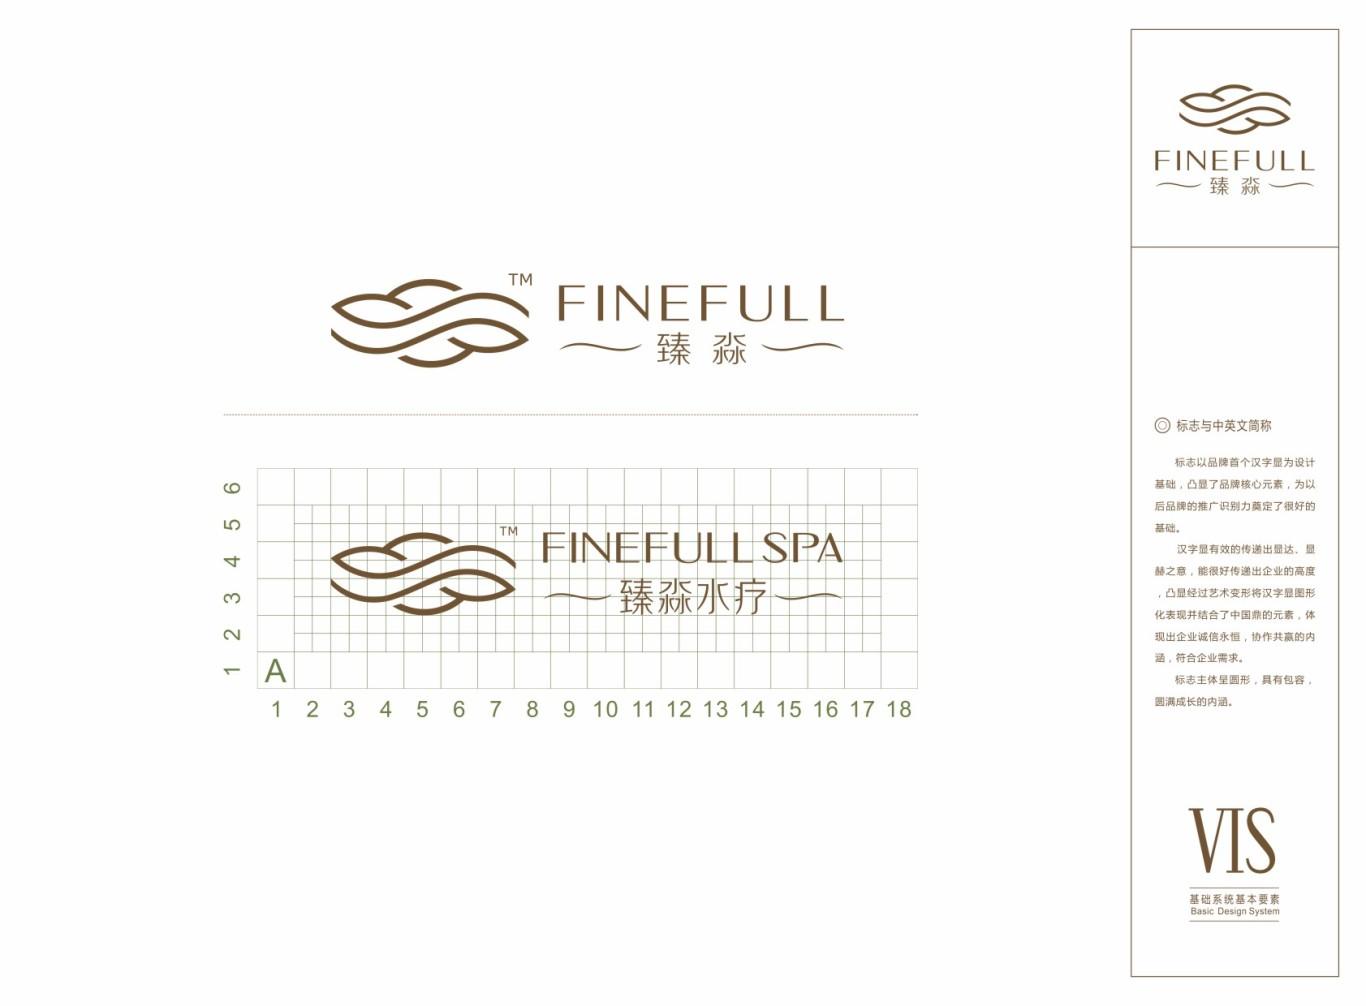 北京五星级FINEFULL-SPA水疗中心标志及VI设计图10